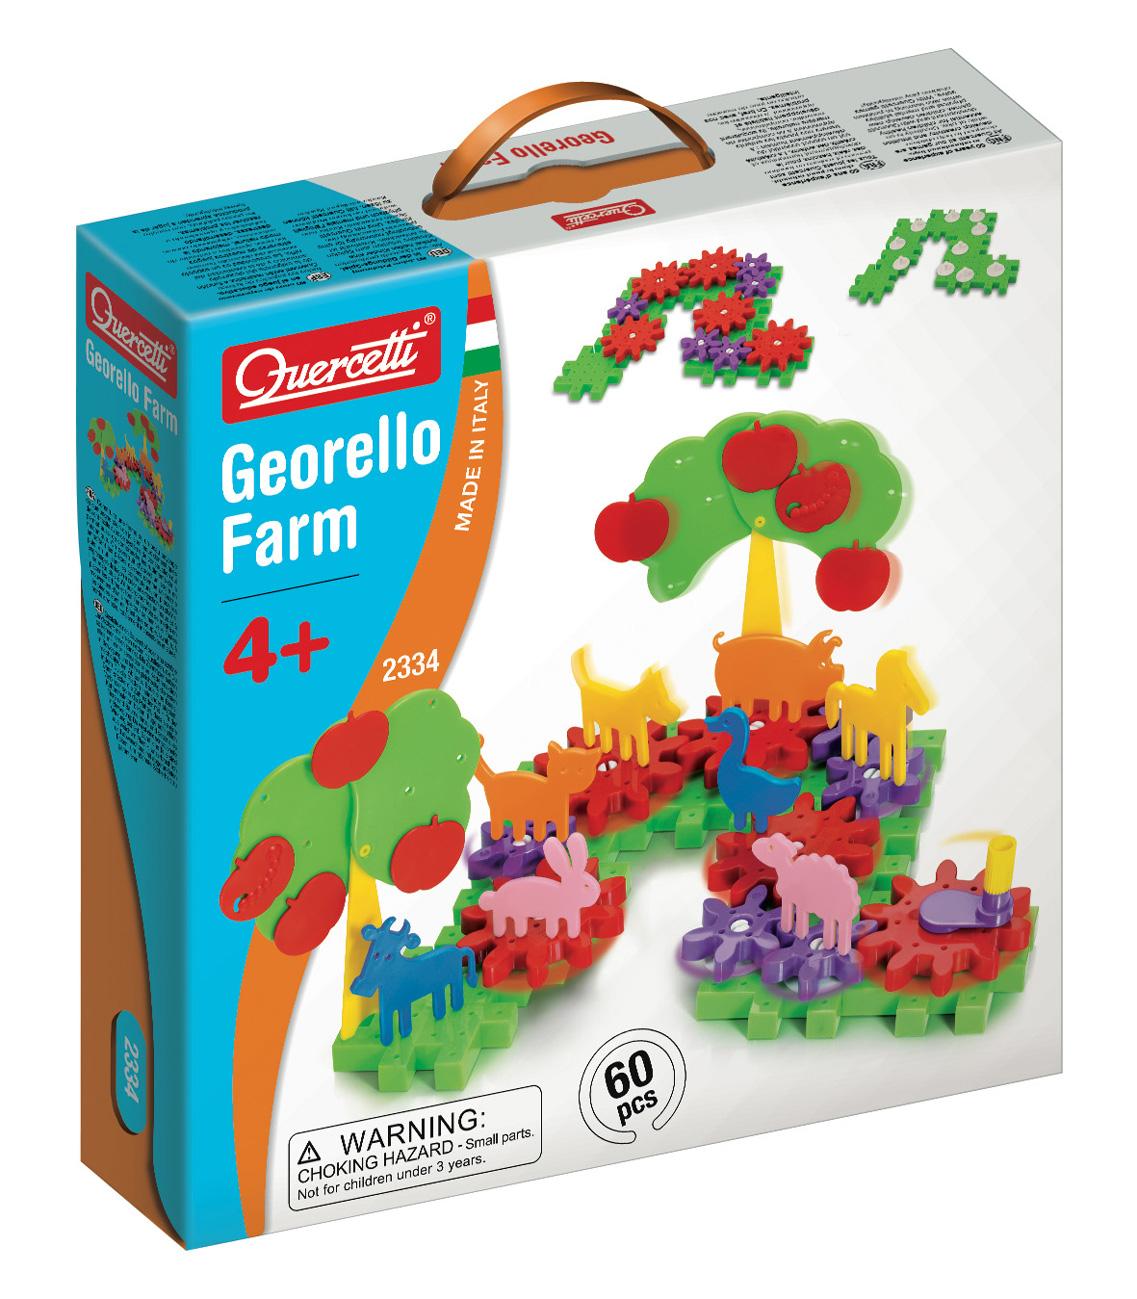 Regalo Bambina 4 Anni regali per natale: i giochi per bambini quercetti - blogmamma.it